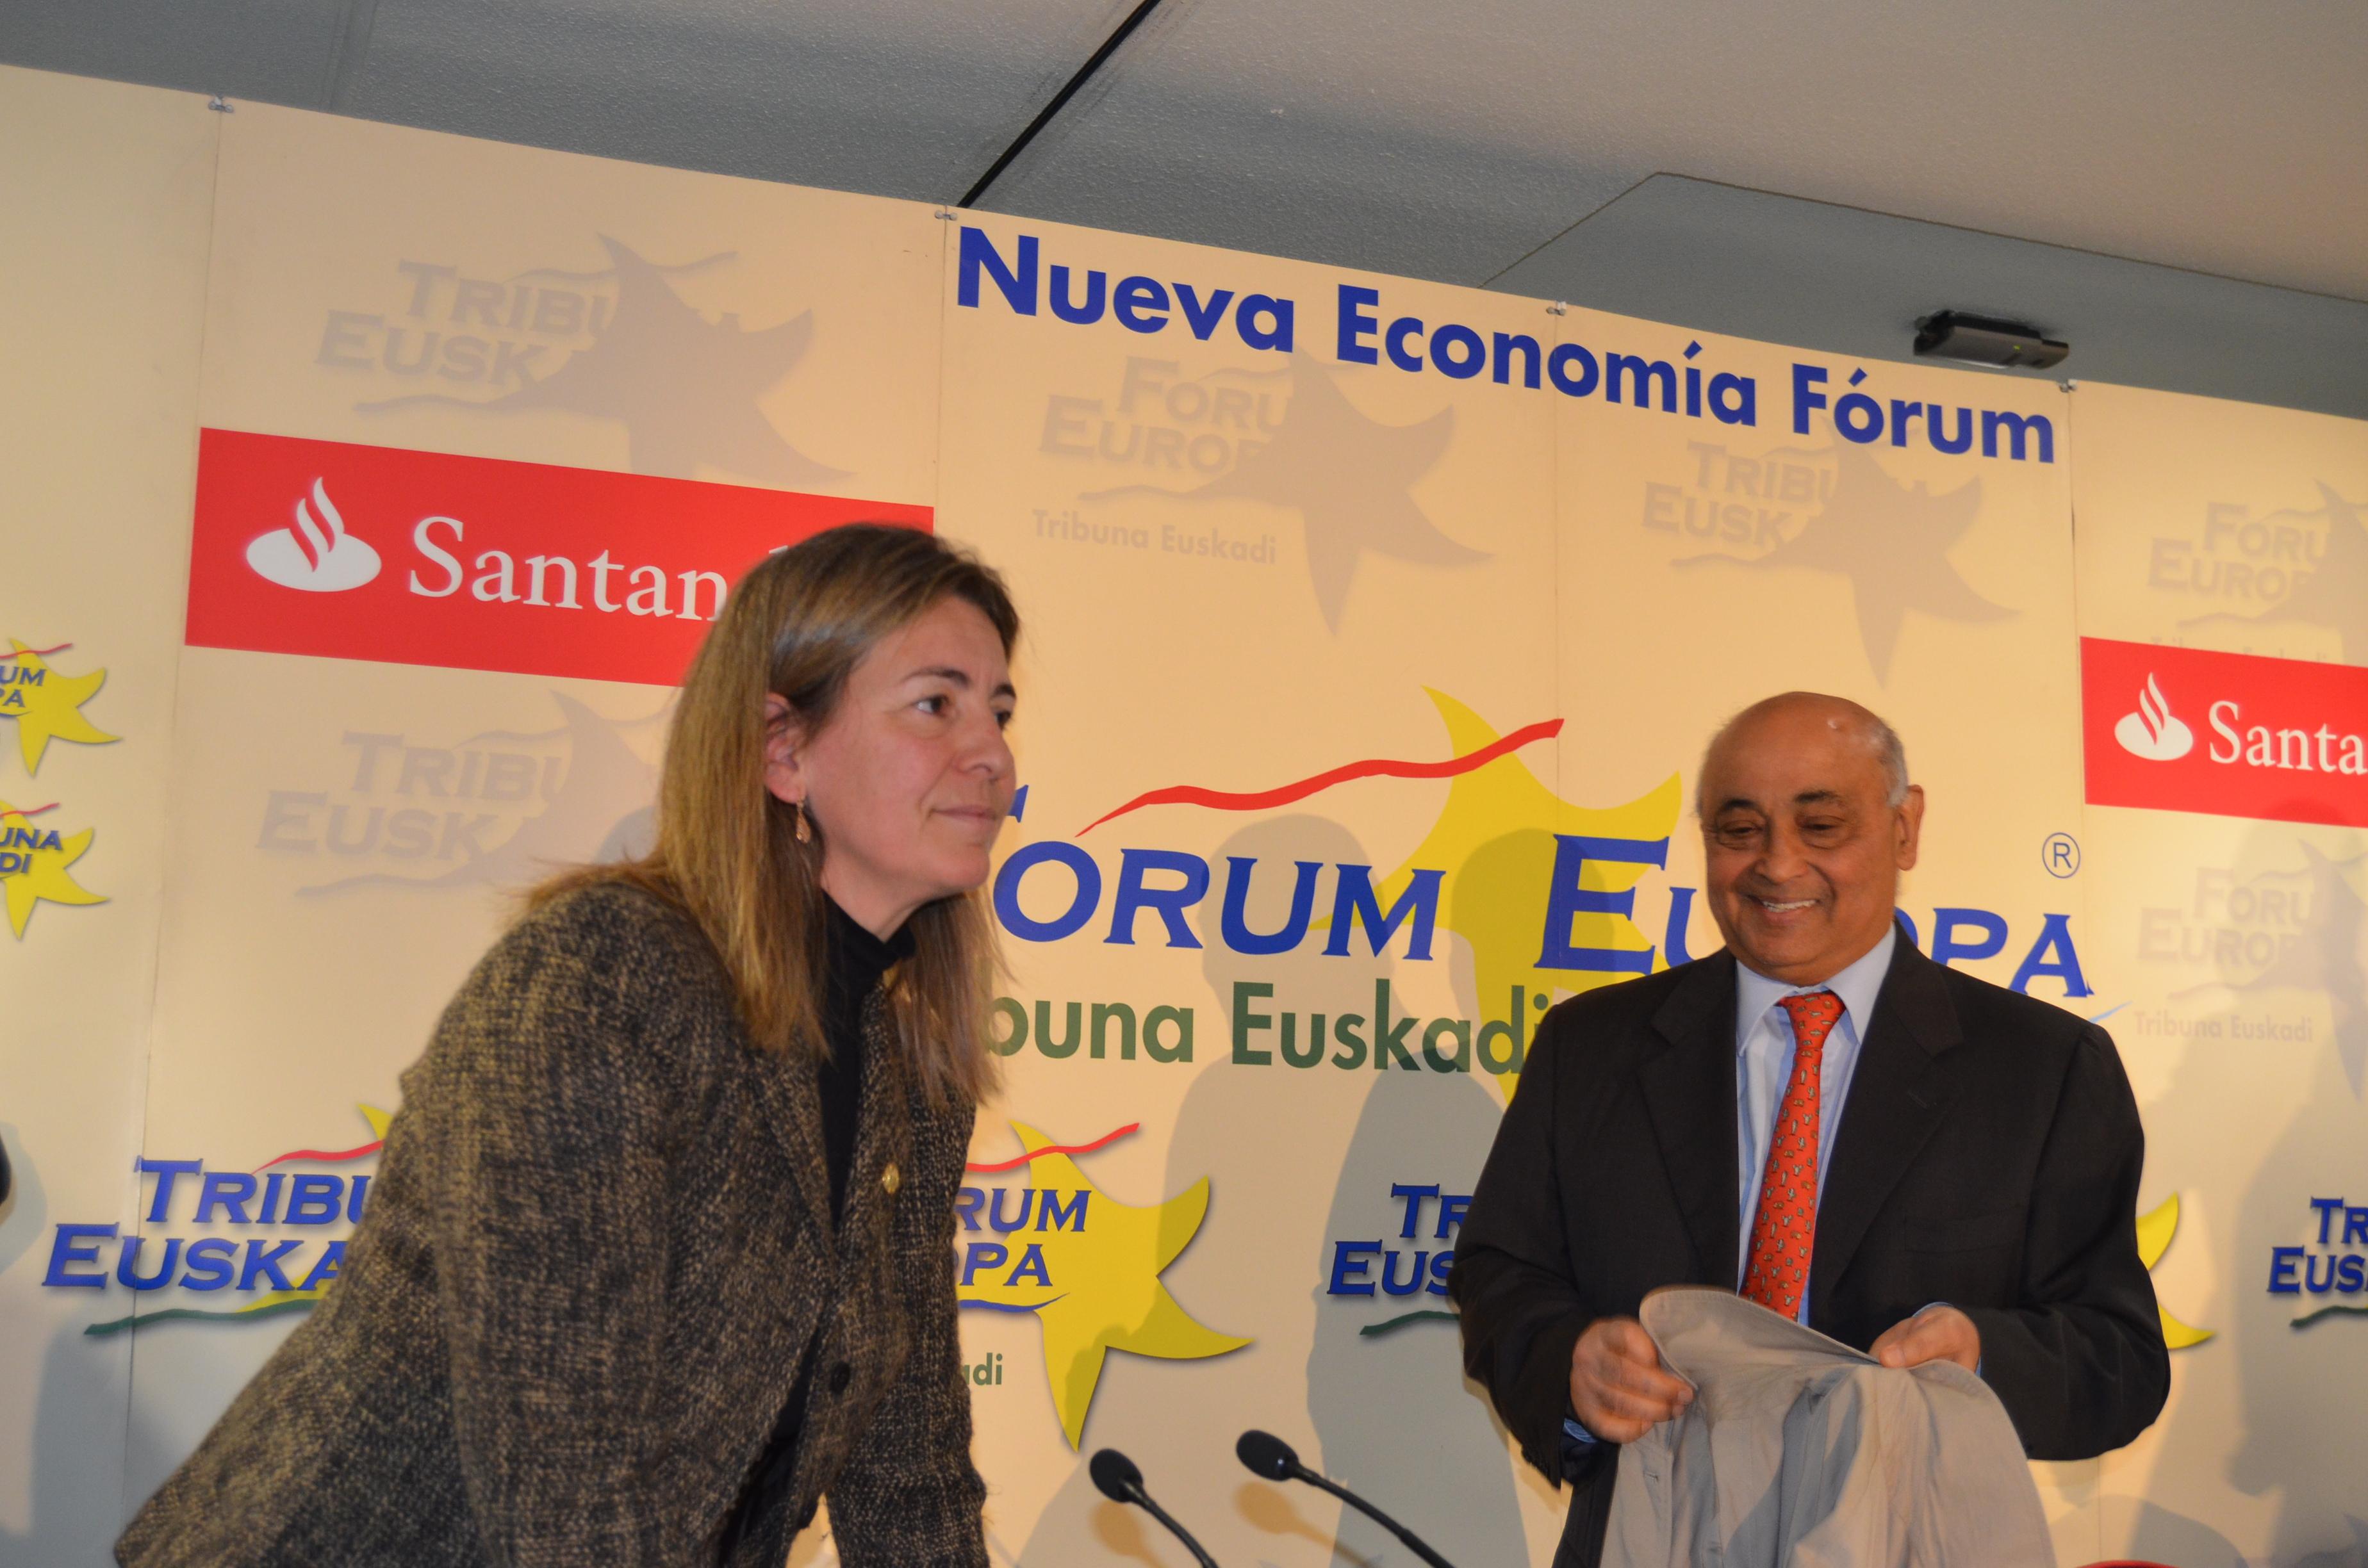 Forum_Nueva_Economia_17_11_14__21_.JPG